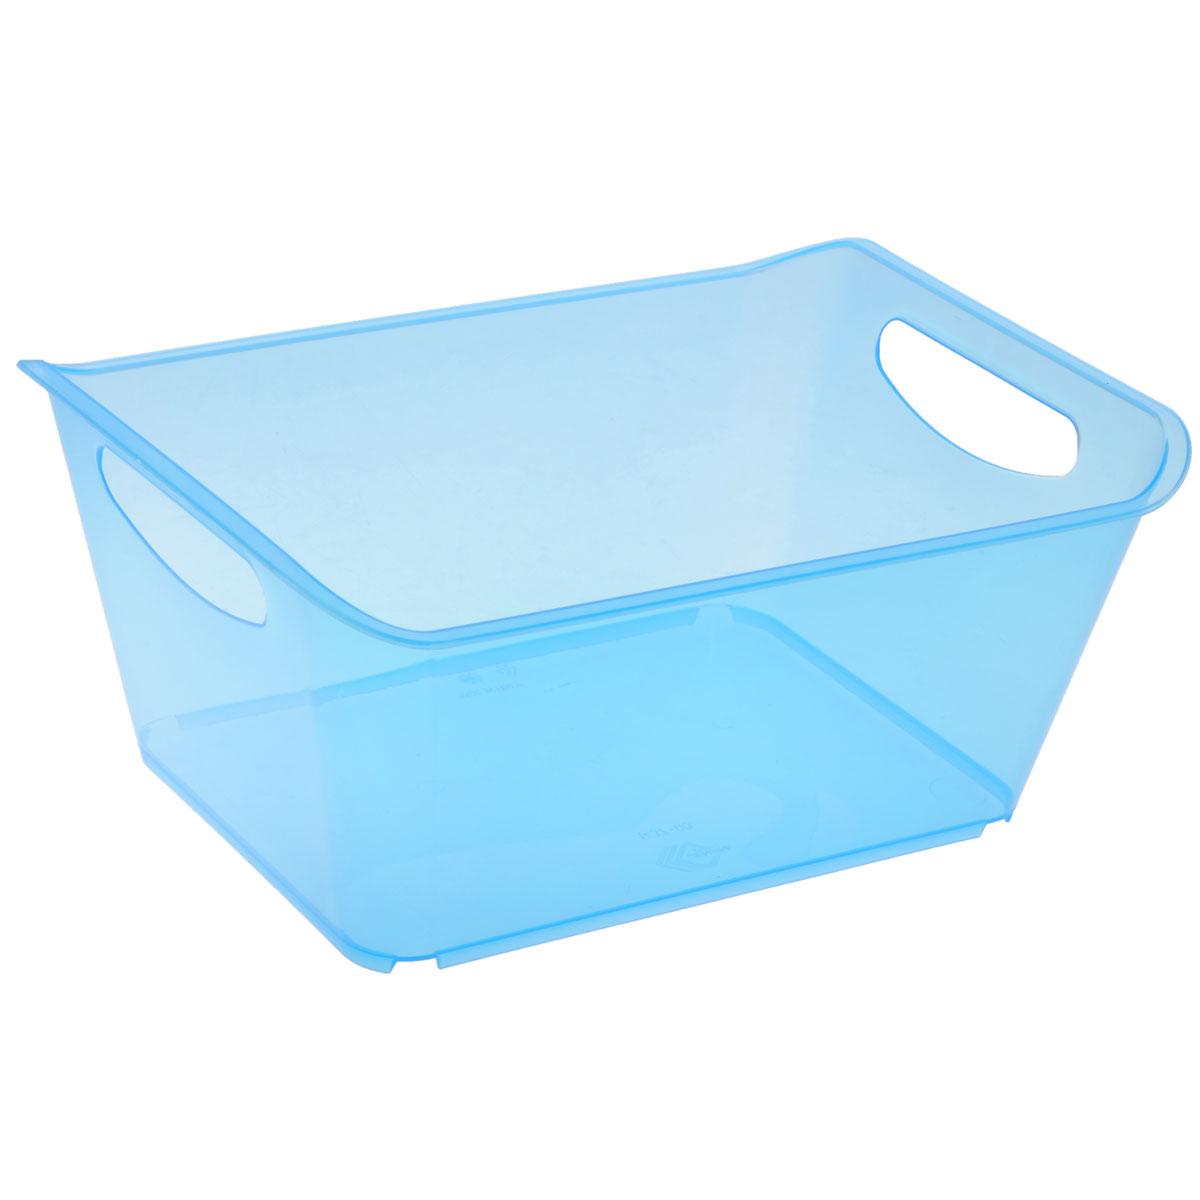 Контейнер Gensini, цвет: голубой, 5 л3331_голубойКонтейнер Gensini выполнен из прочного пластика. Он предназначен для хранения различных мелких вещей в ванной, на кухне, даче или гараже, исключая возможность их потери. По бокам контейнера предусмотрены две удобные ручки для его переноски.Контейнер поможет хранить все в одном месте, а также защитить вещи от пыли, грязи и влаги. Объем: 5 л.